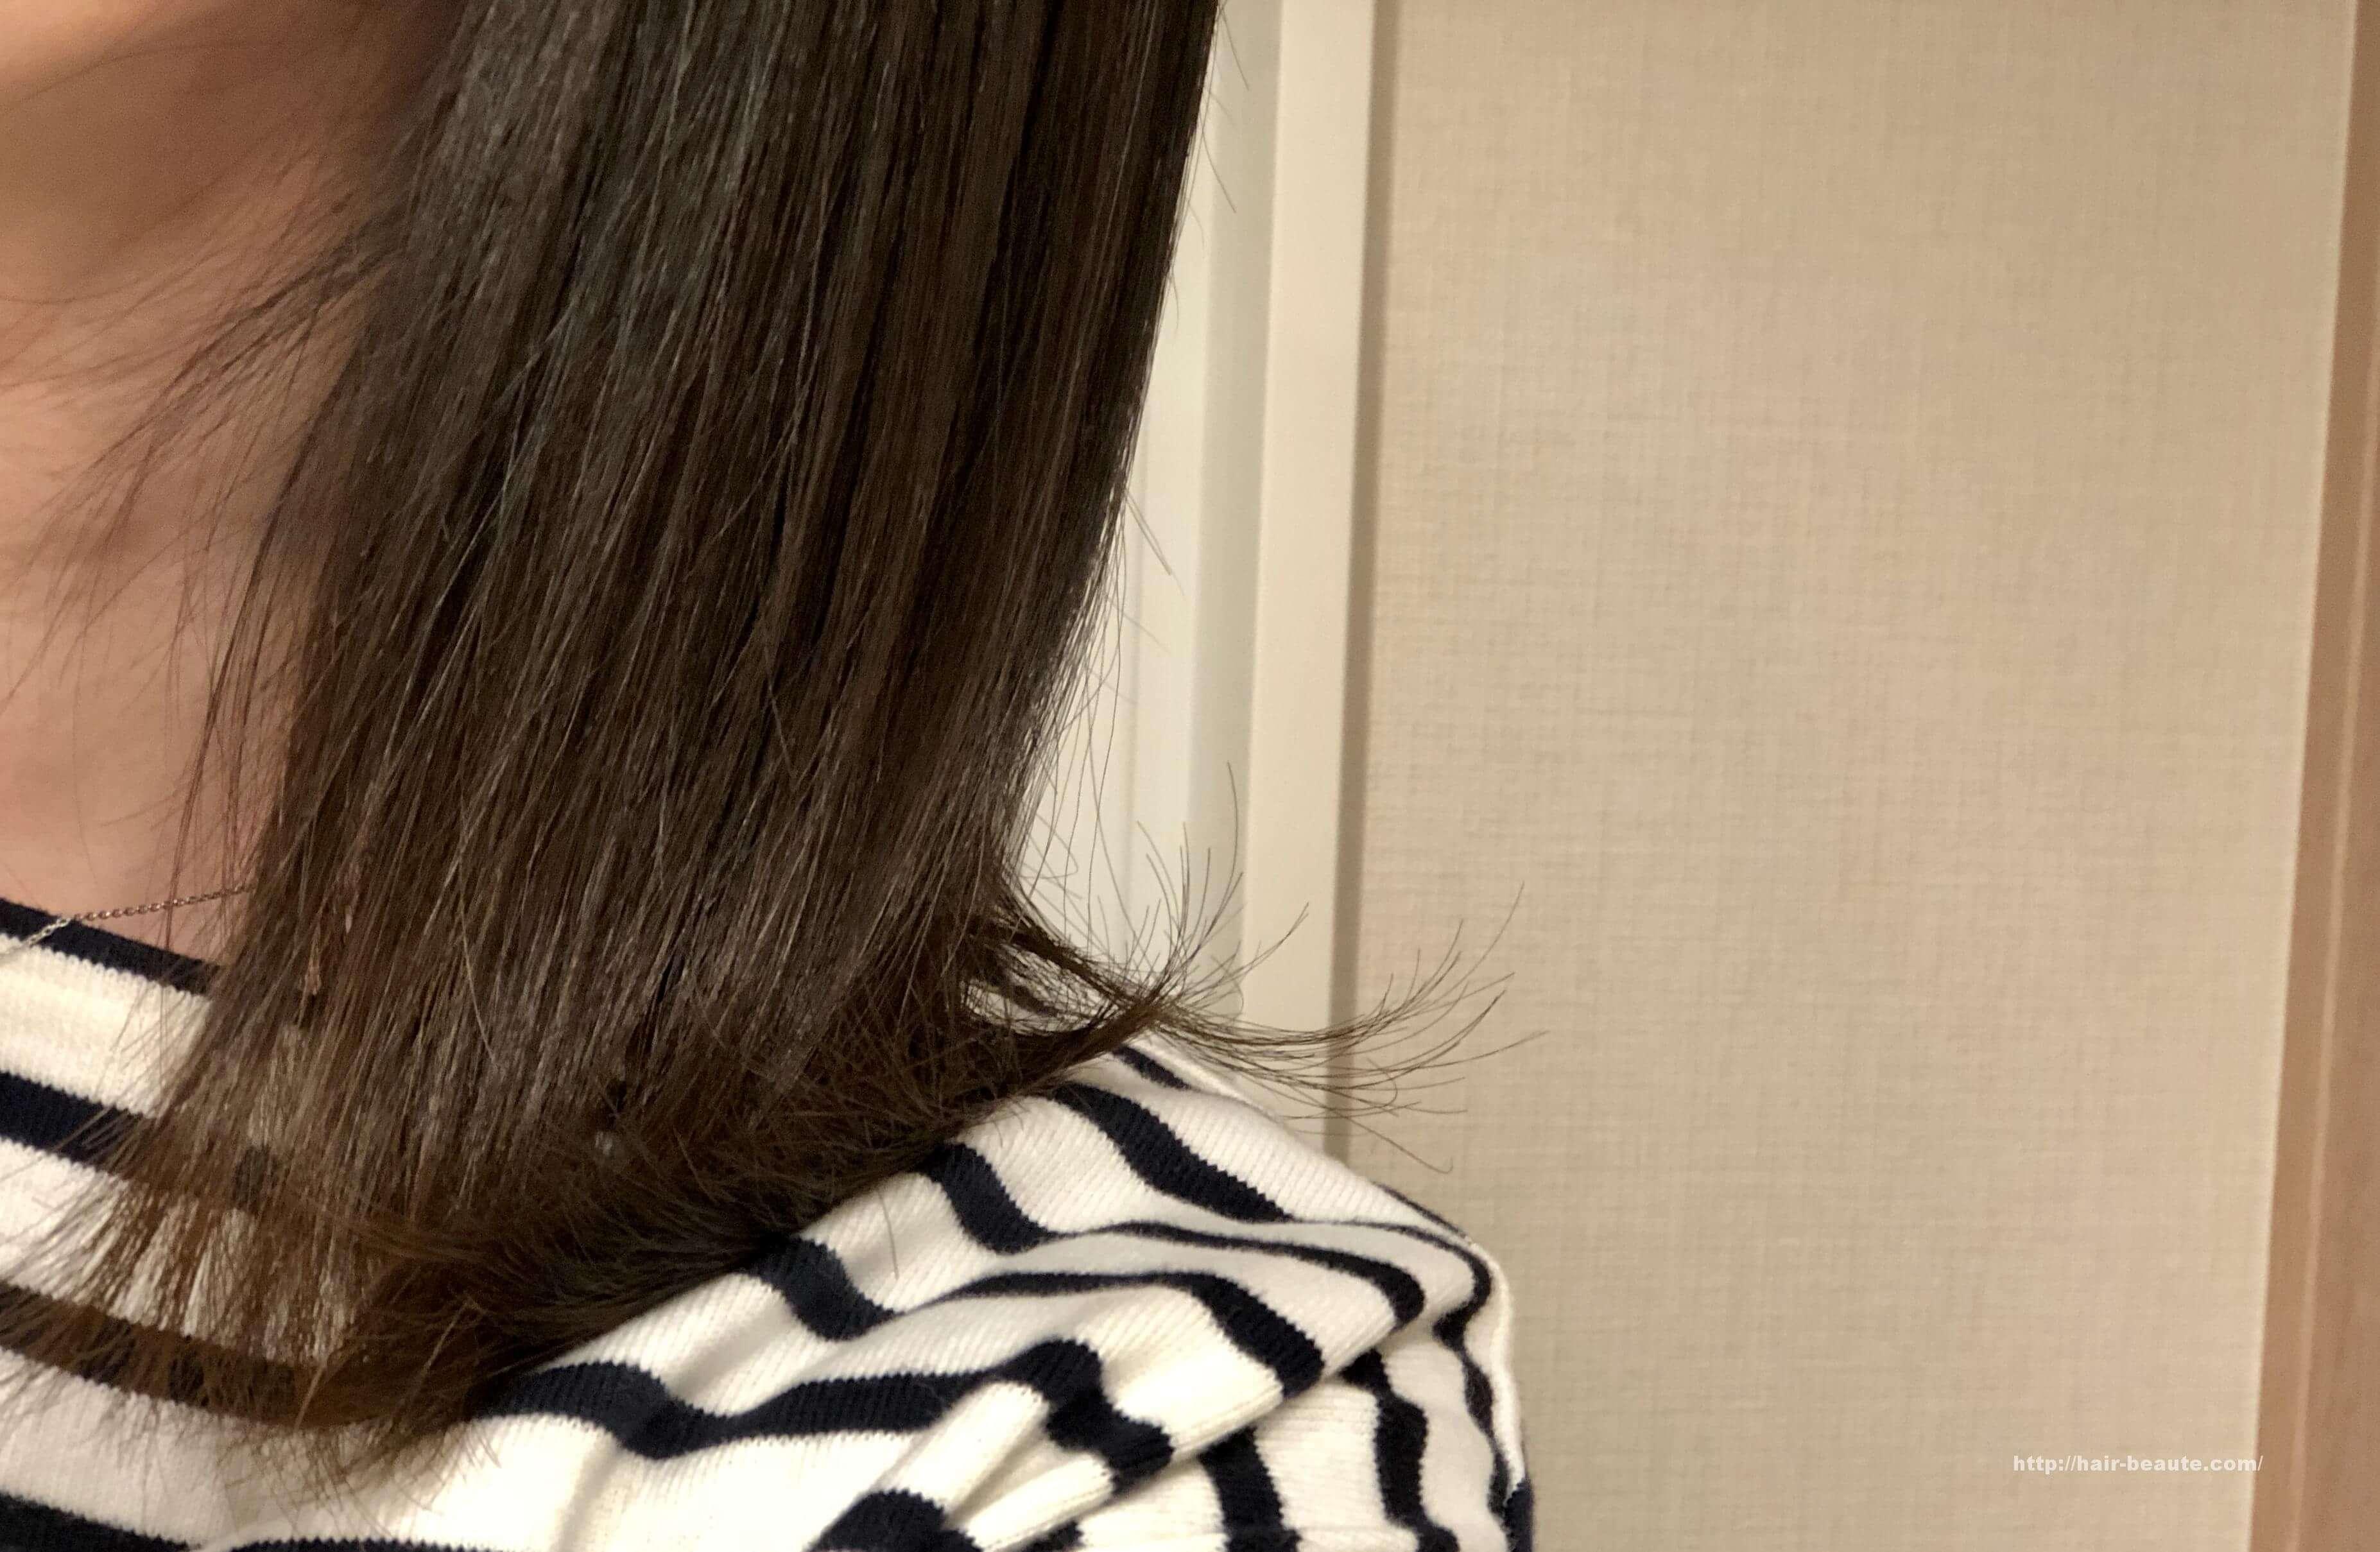 ヘアビューロン 4D Plus使用後の髪